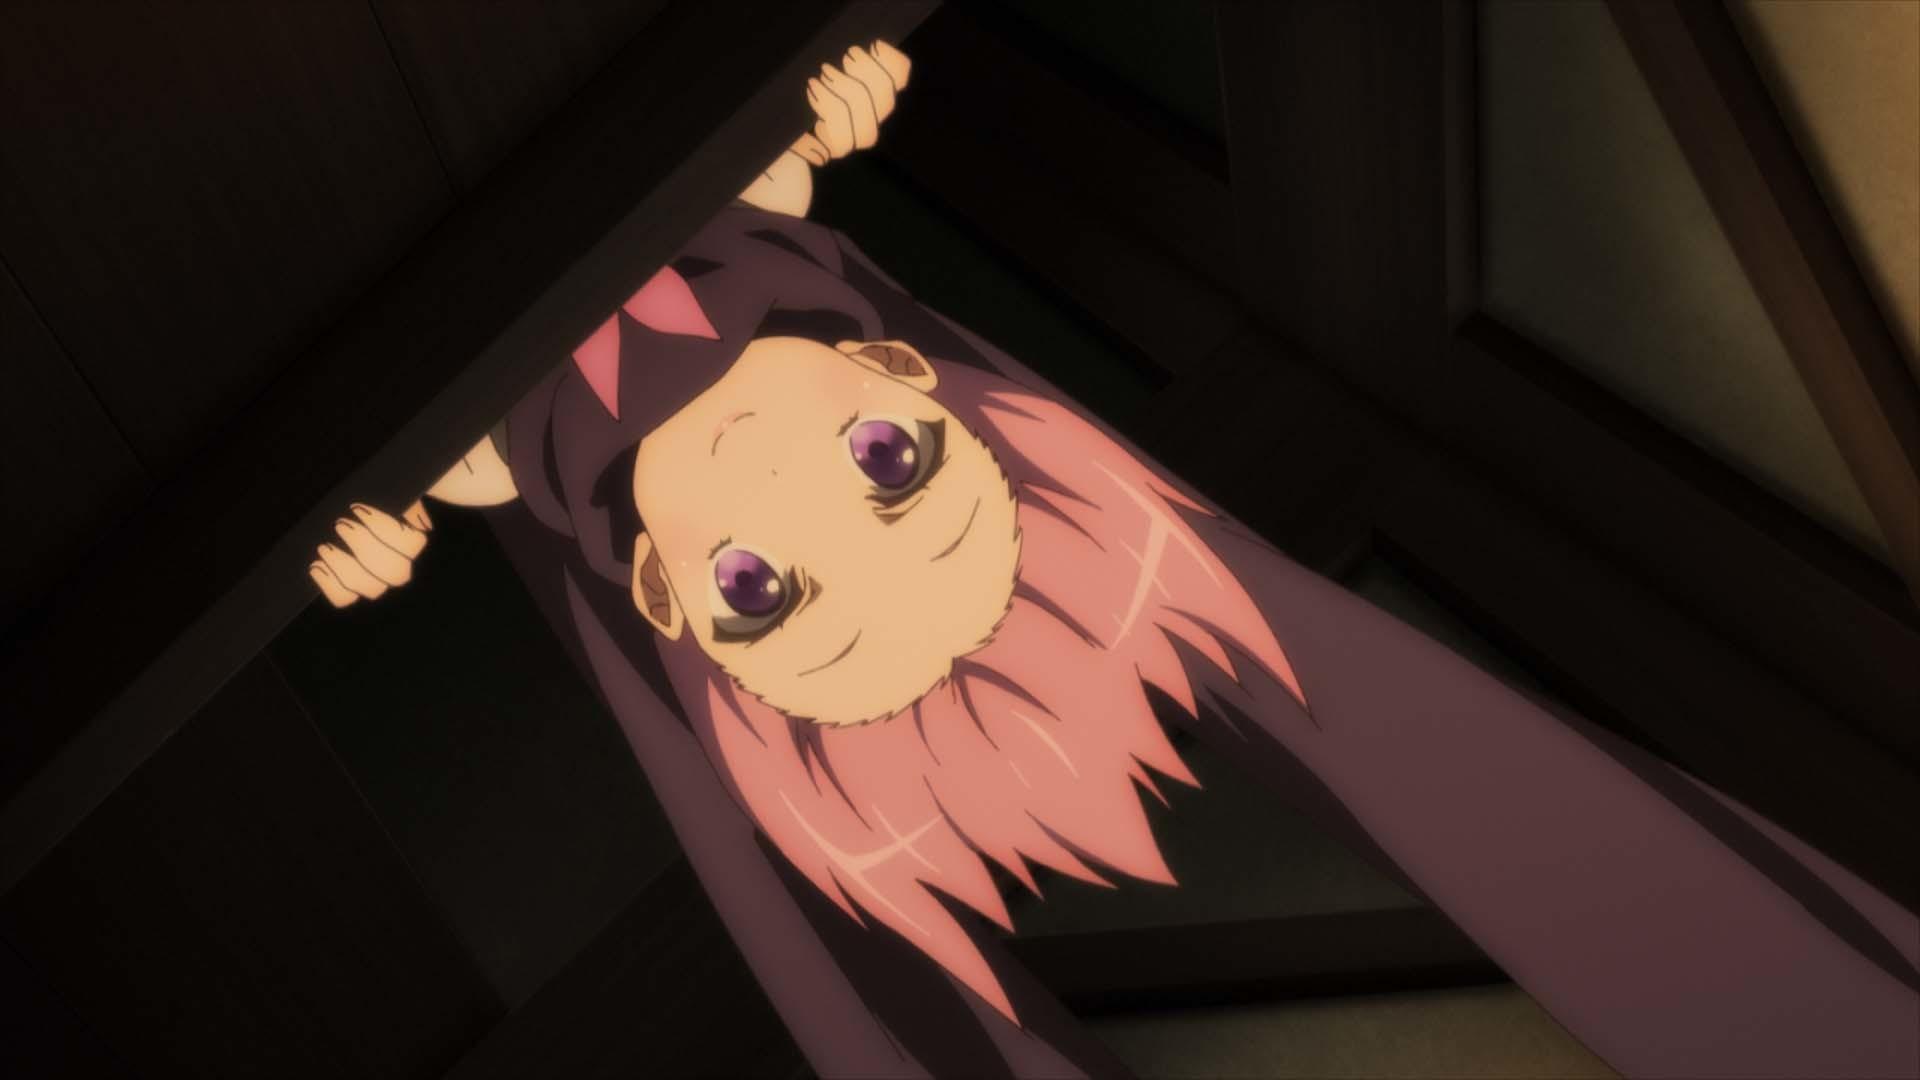 Hitomi 人間ドックの診断結果を明かす 気づいてはいたけど